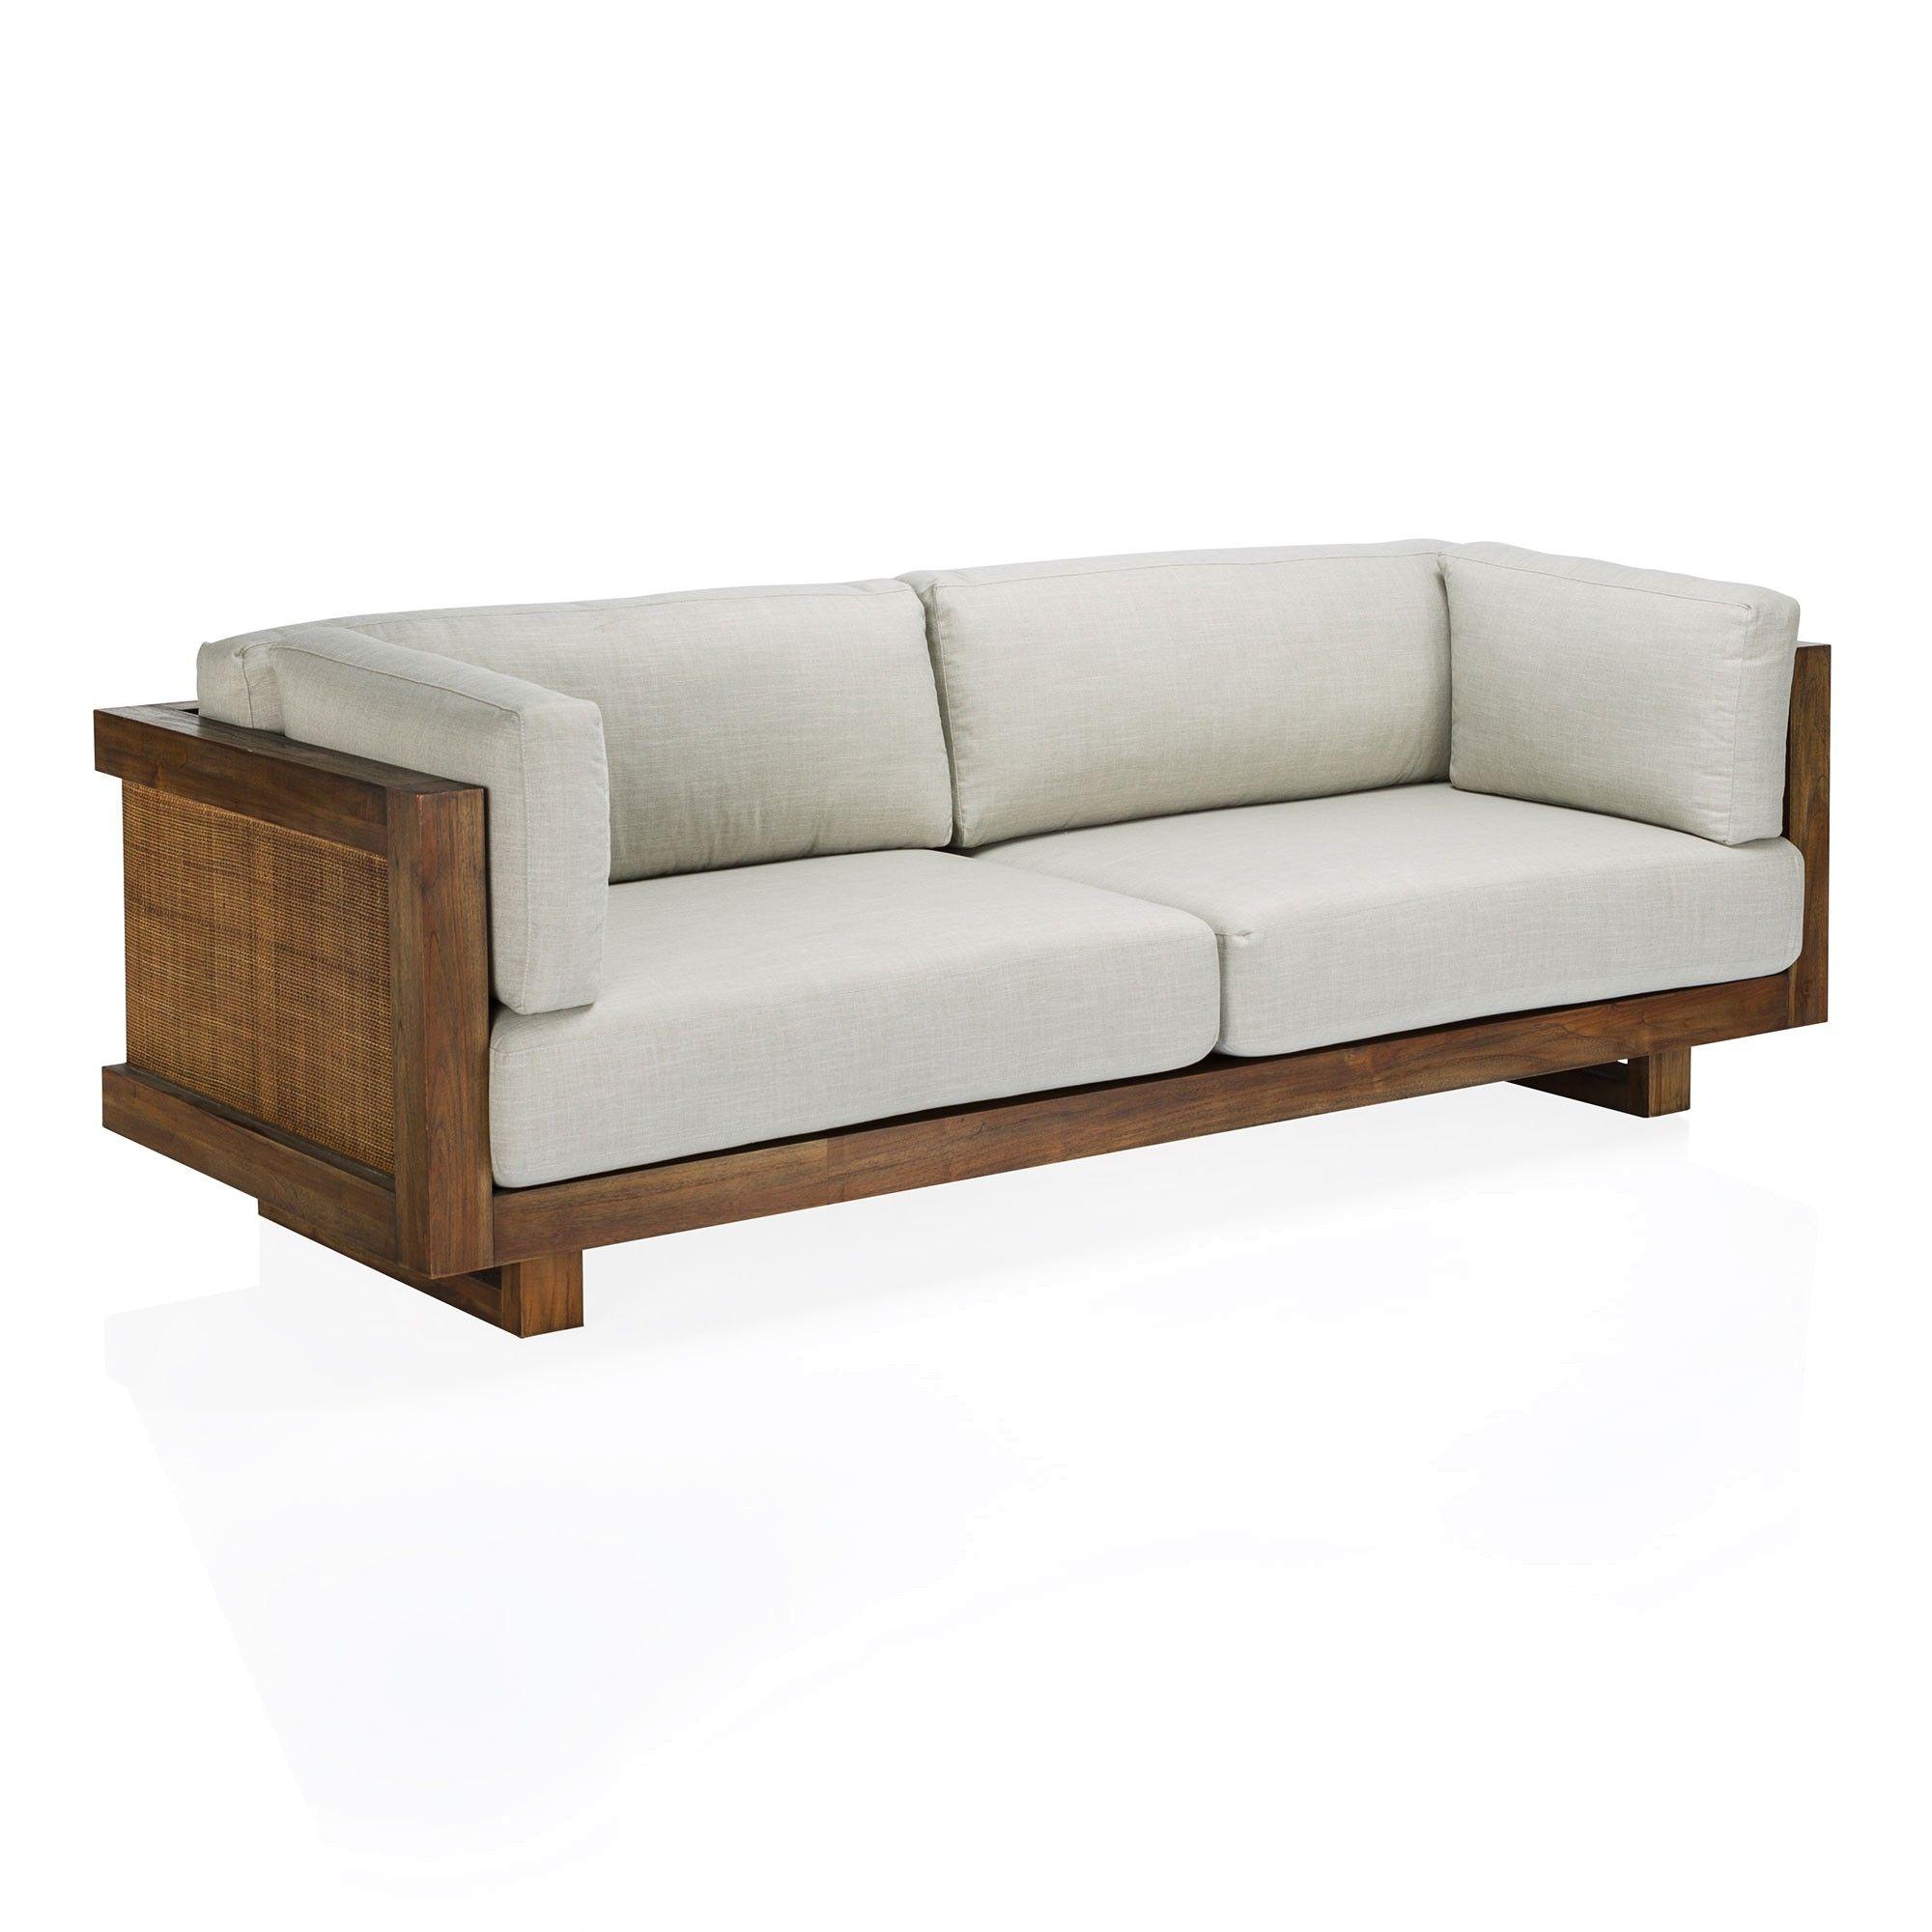 Coco Republic Toledo Sofa Furniture Sofas 9727 Jpg